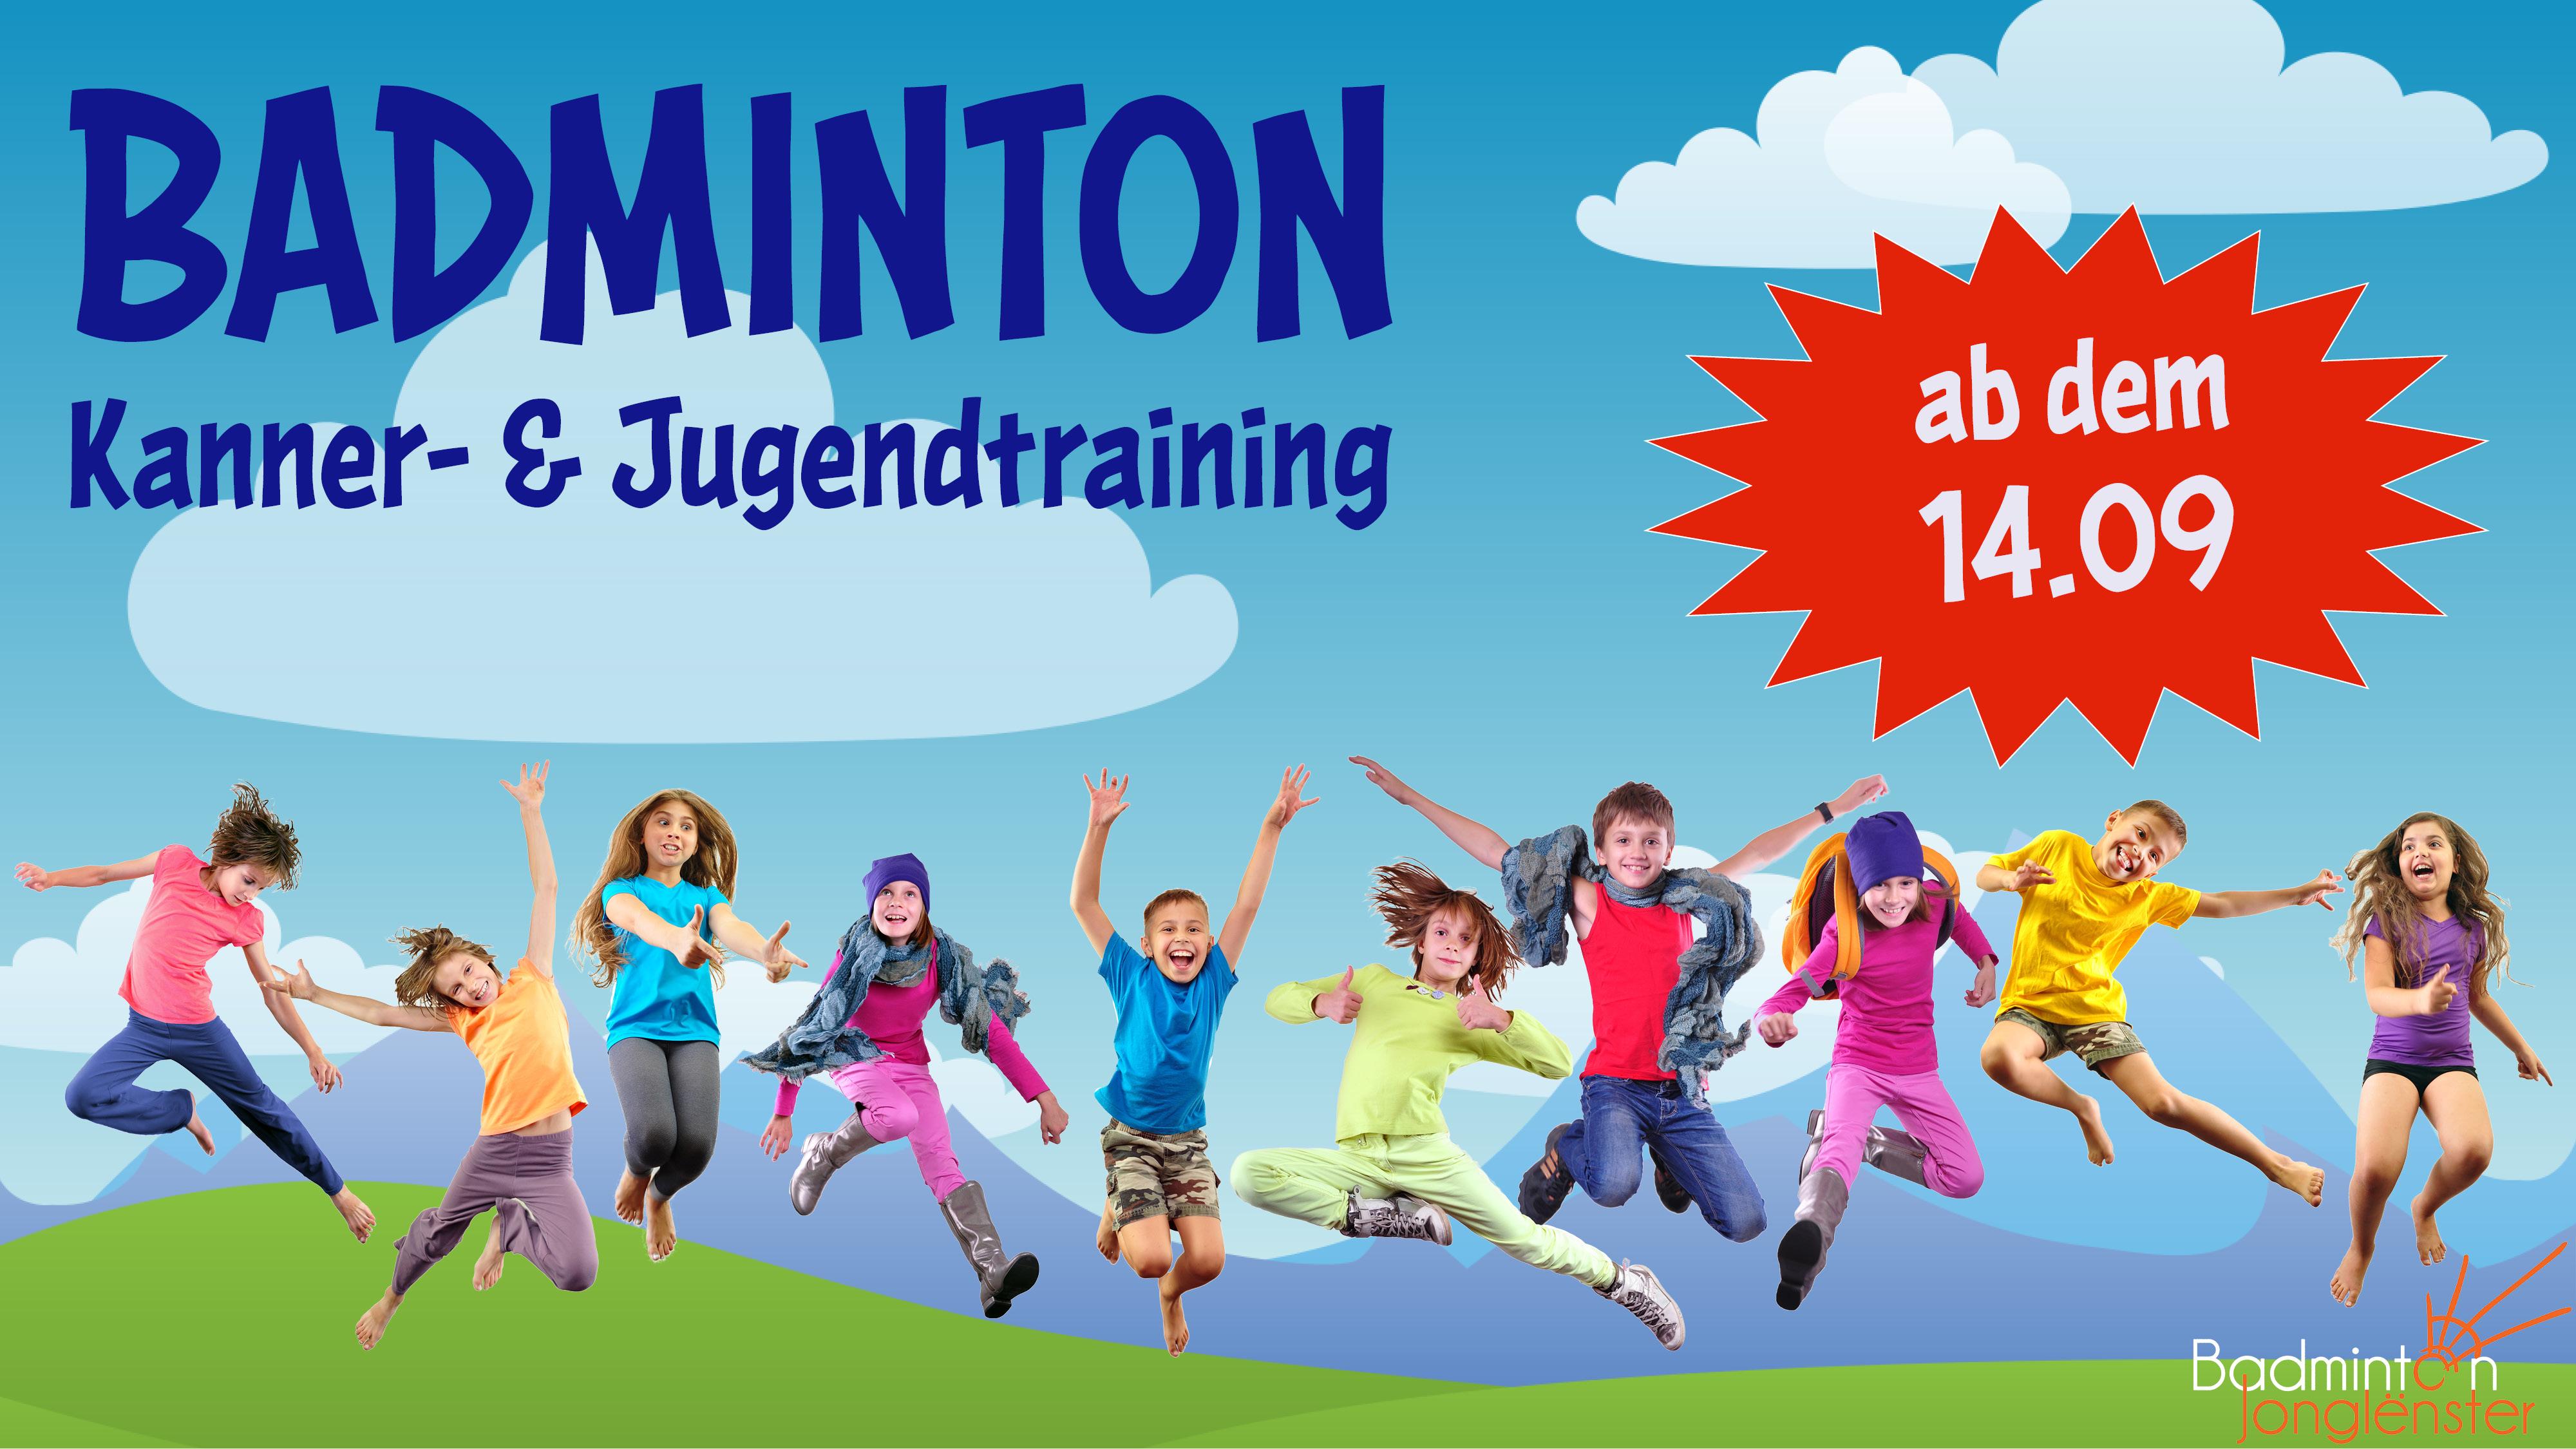 Toutes nos séances pour enfants, jeunes, adultes et +50 recommencent le 14.09